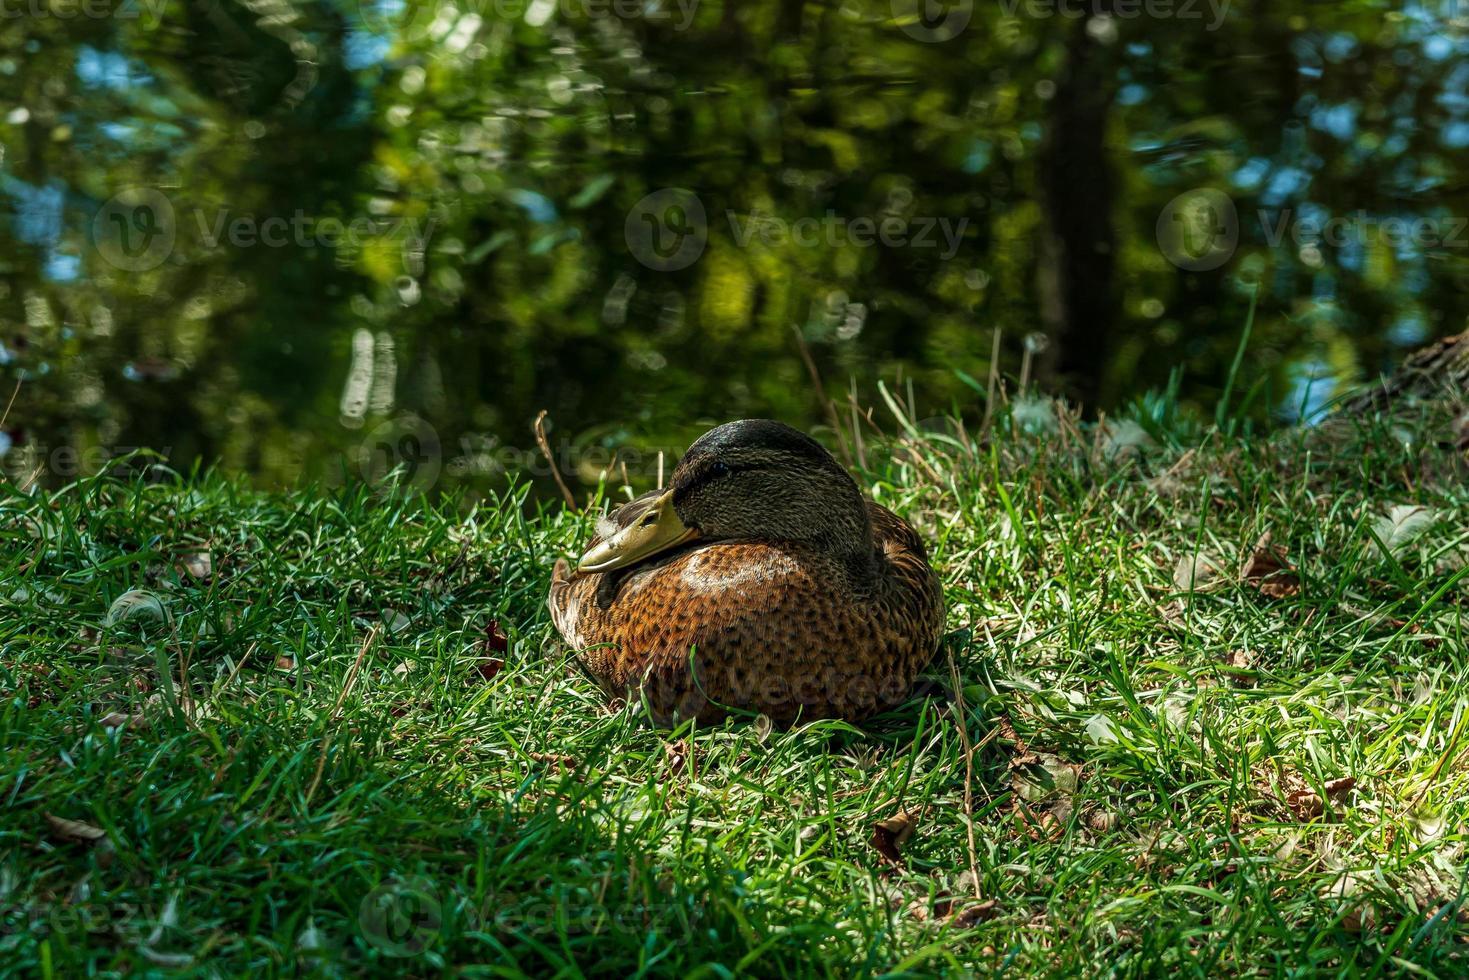 Germano reale femmina anatra che riposa nell'erba verde foto